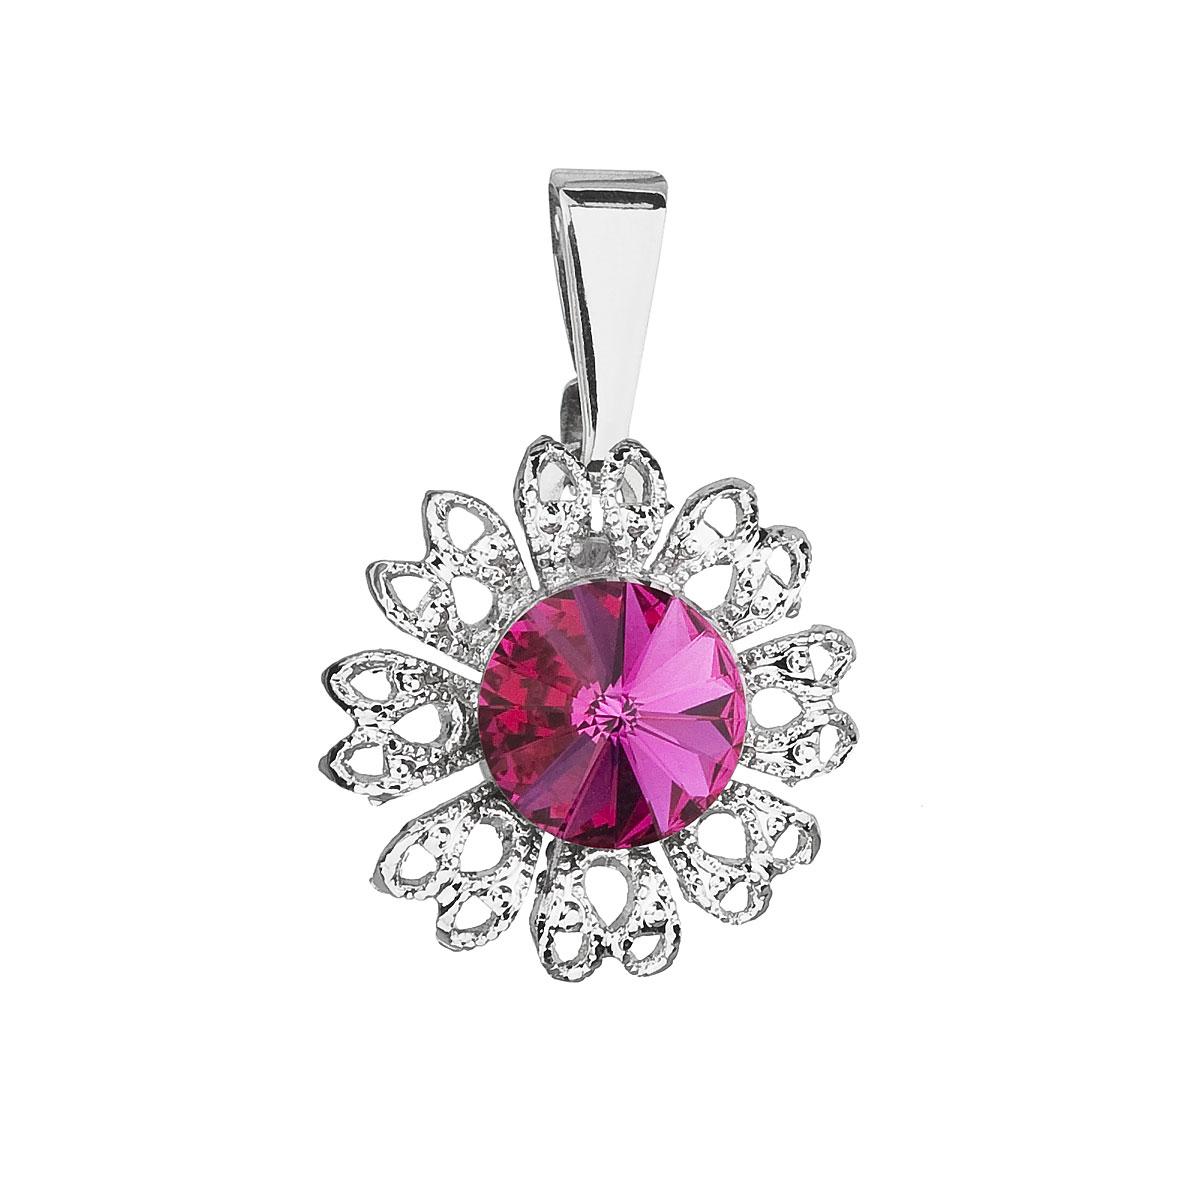 Evolution Group Přívěsek se Swarovski krystaly růžová kytička 54032.3 fuchsia